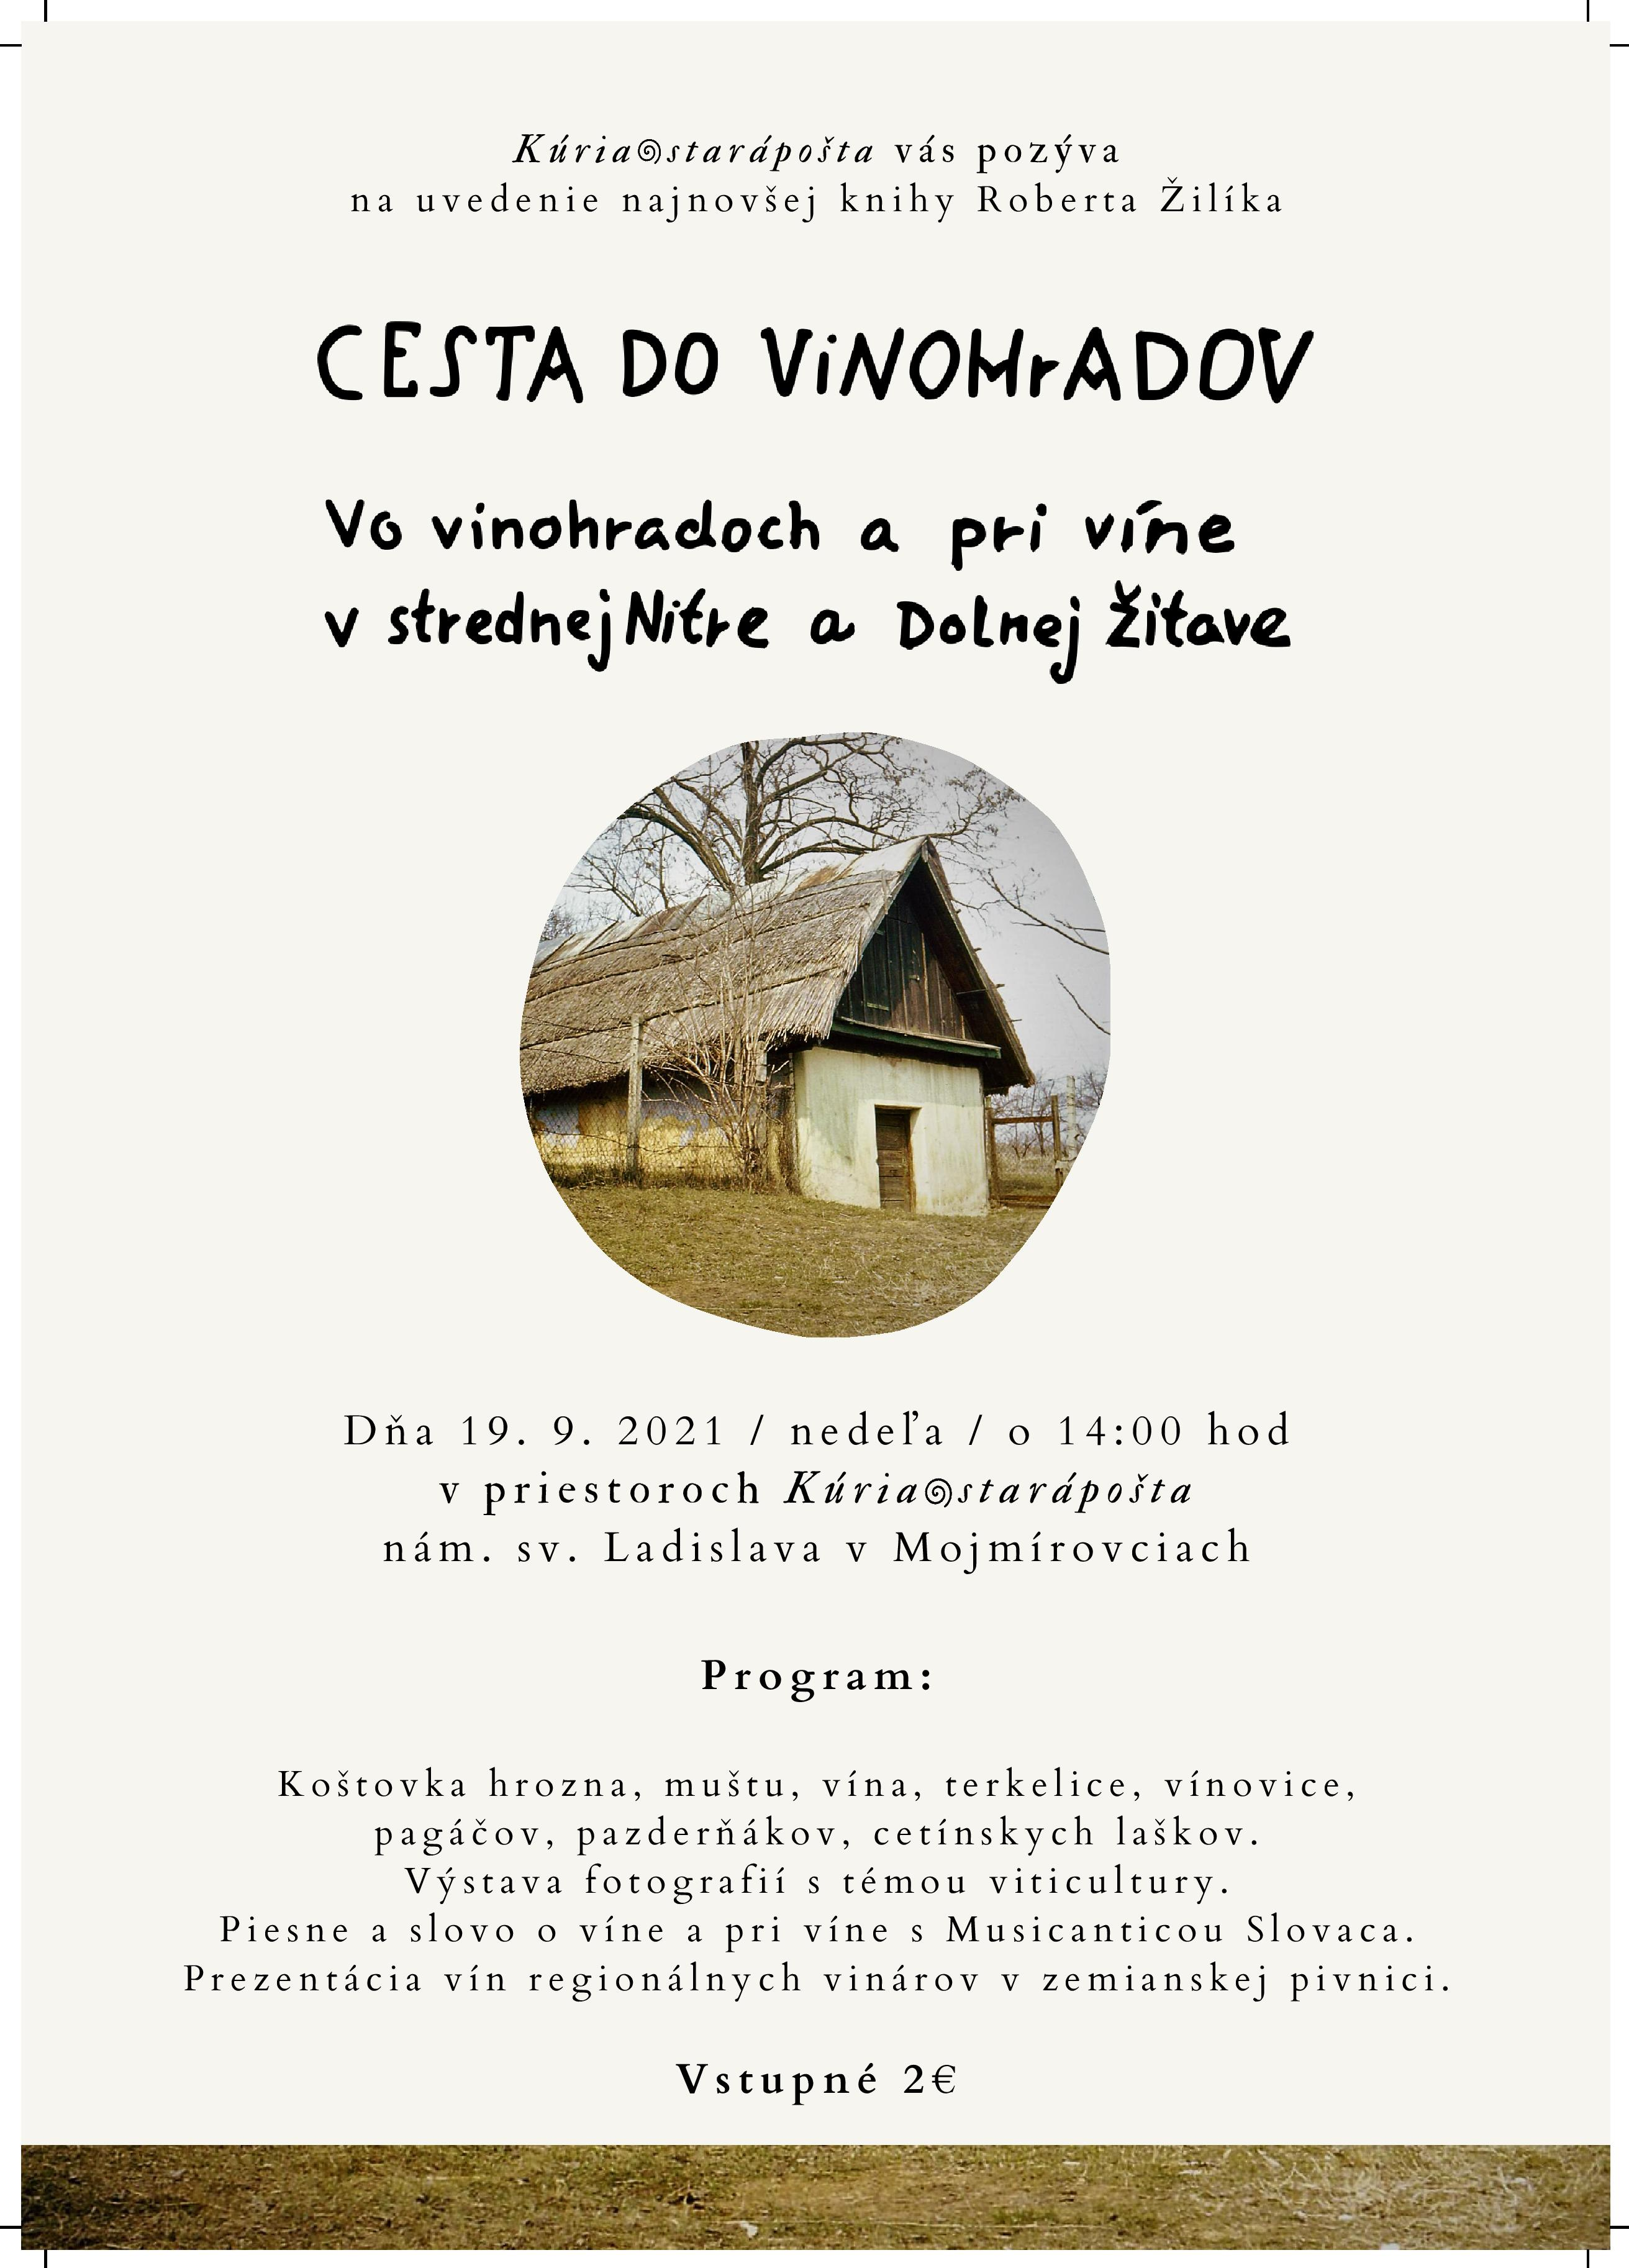 Cesta_do_vinohradov_-_plagát-page-001_(1)